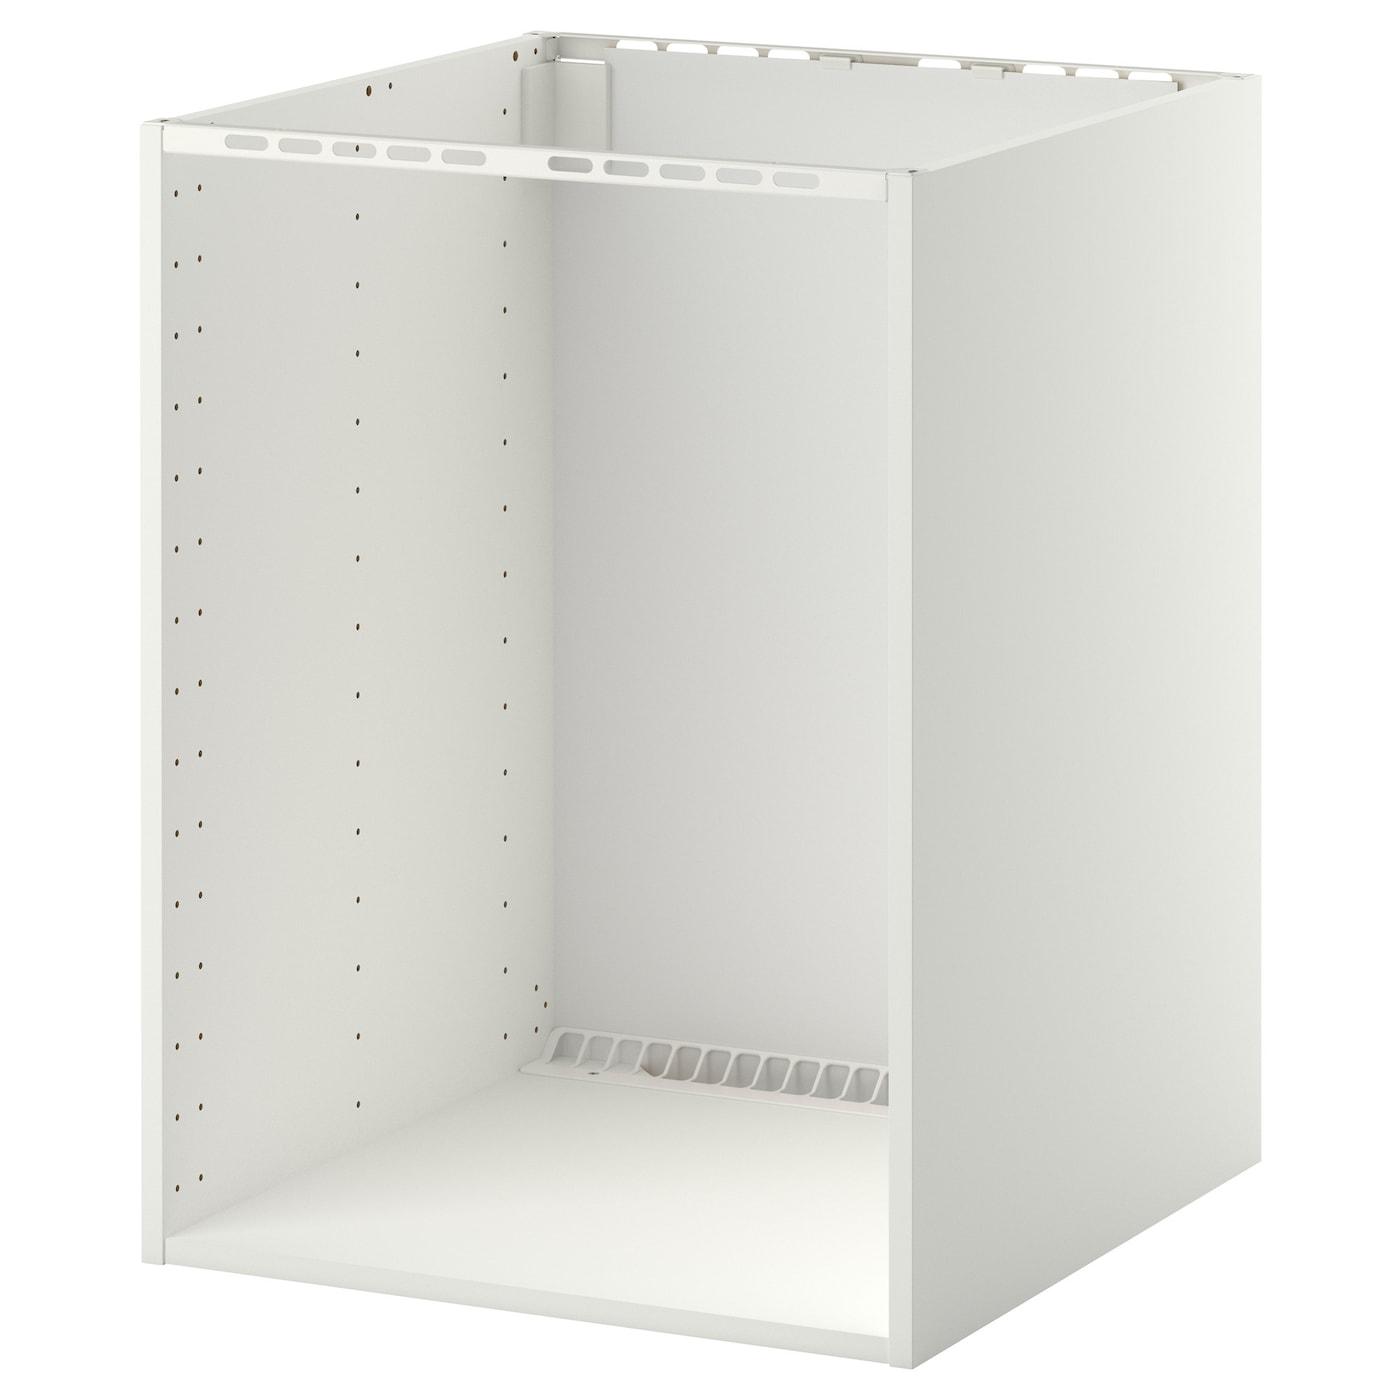 METOD Unterschrank für Spüle - weiß, Veddinge weiß - IKEA